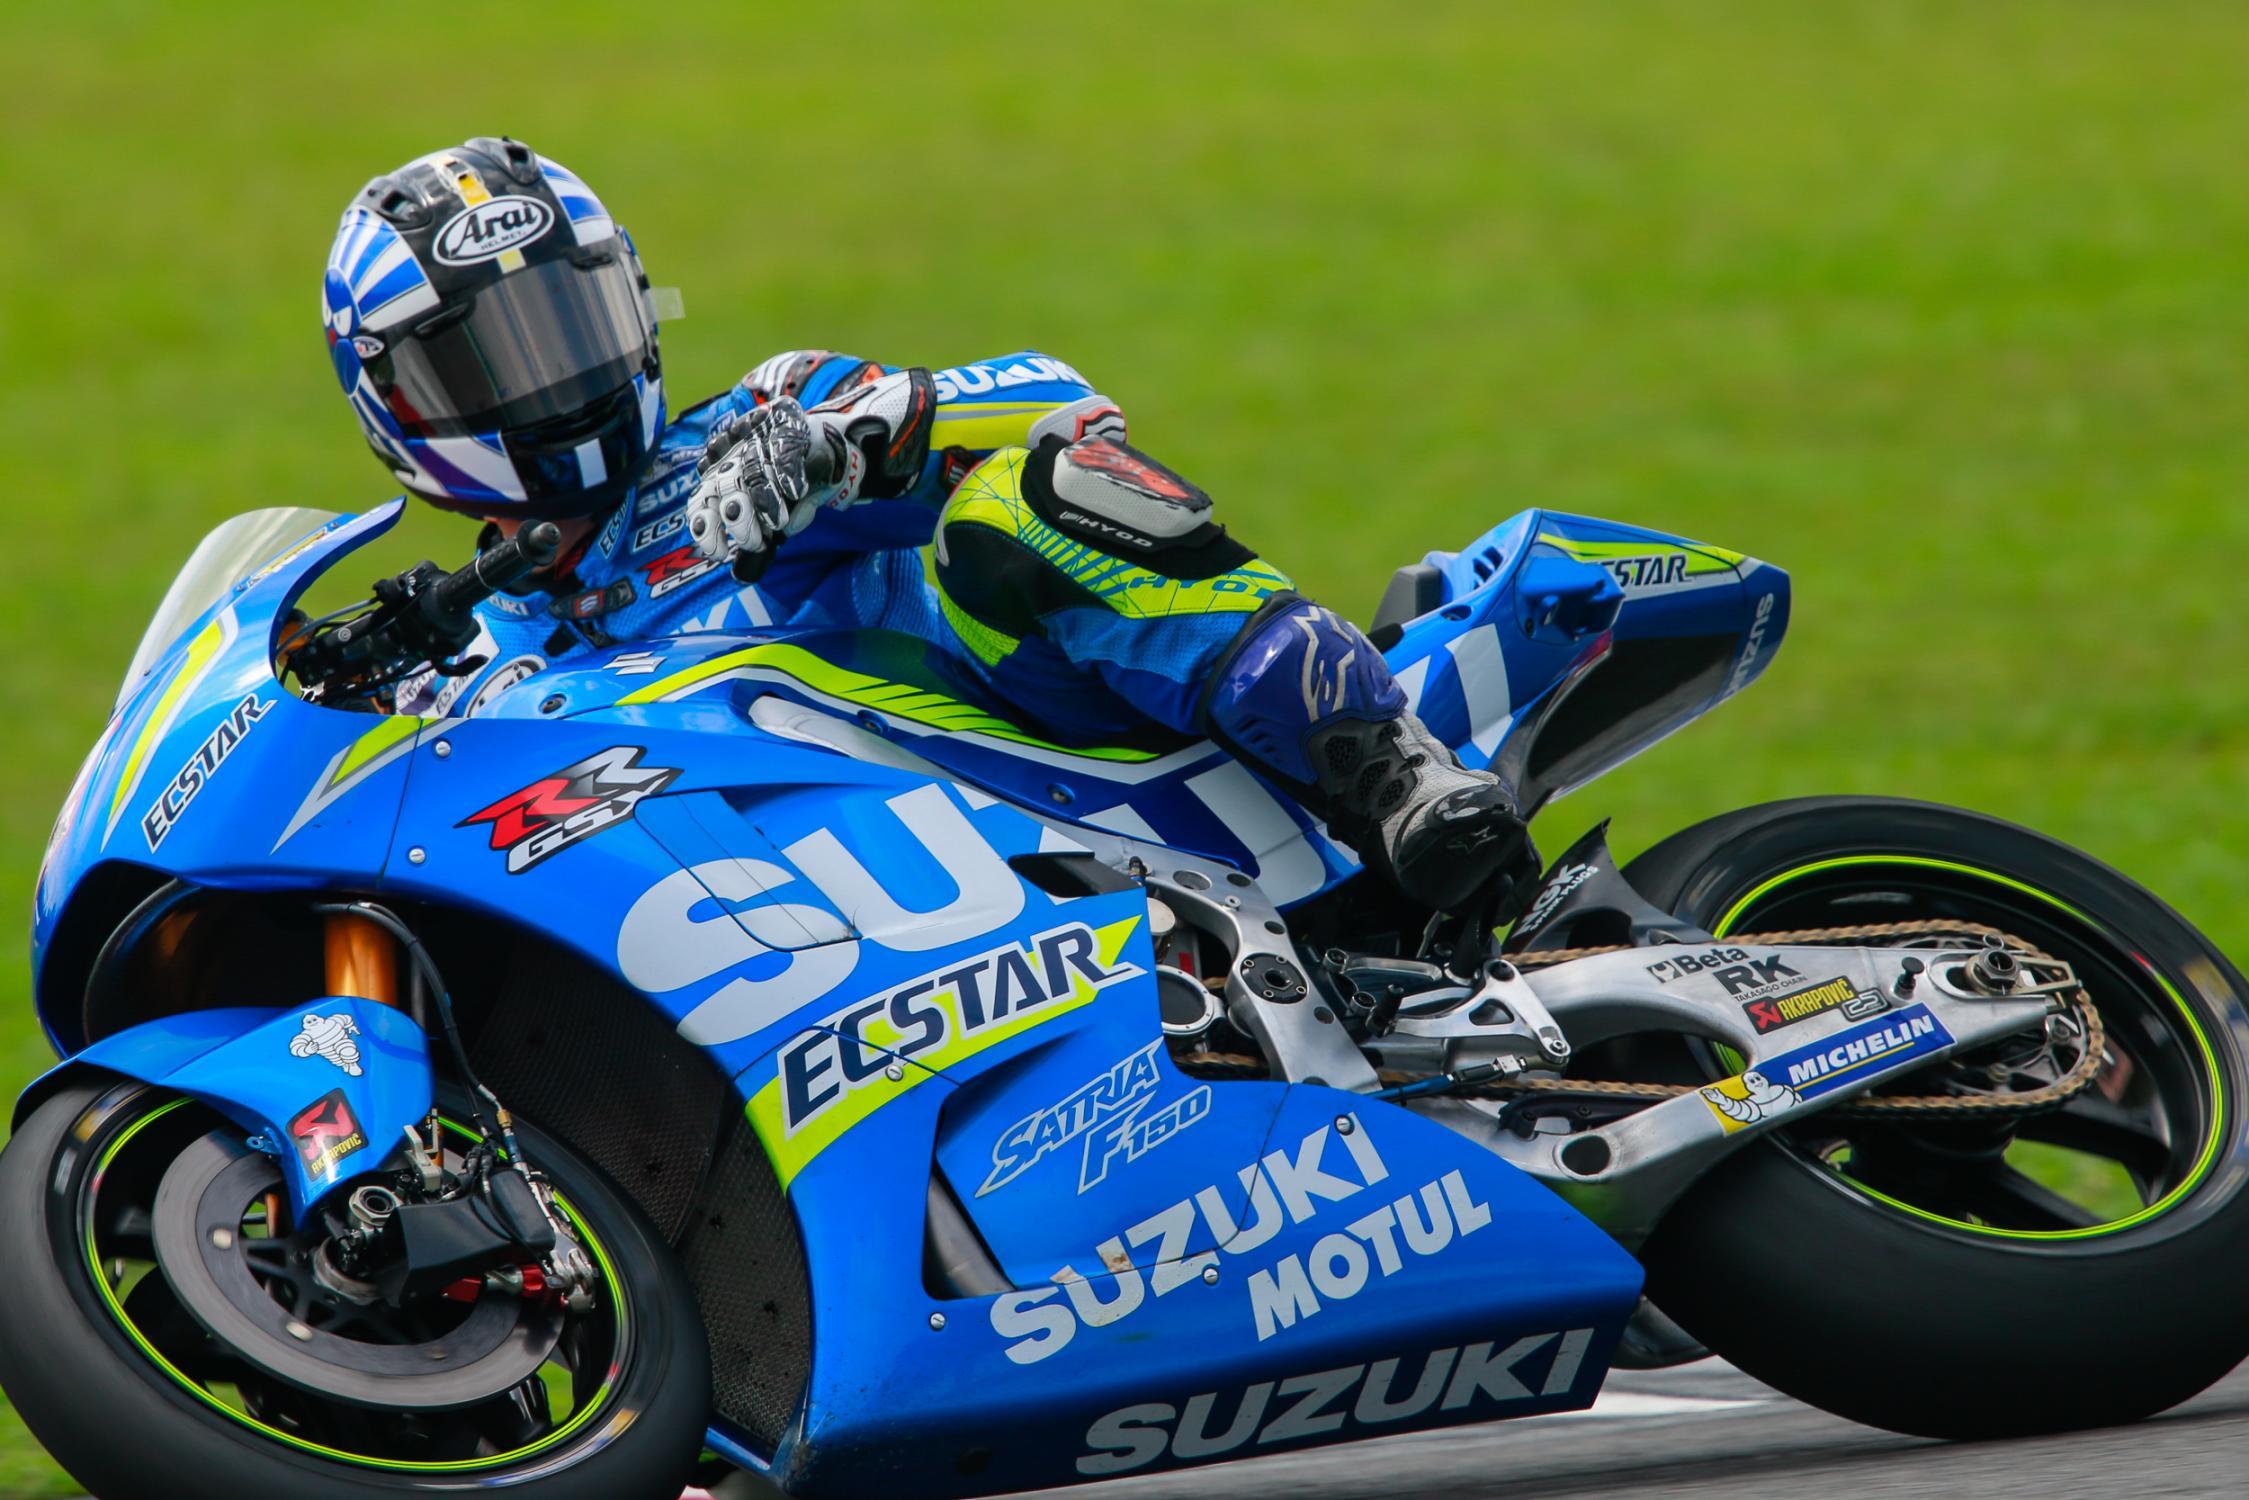 [MotoGP] Test Sepang 42-alex-rins-esp_gp_gp_7668.gallery_full_top_fullscreen